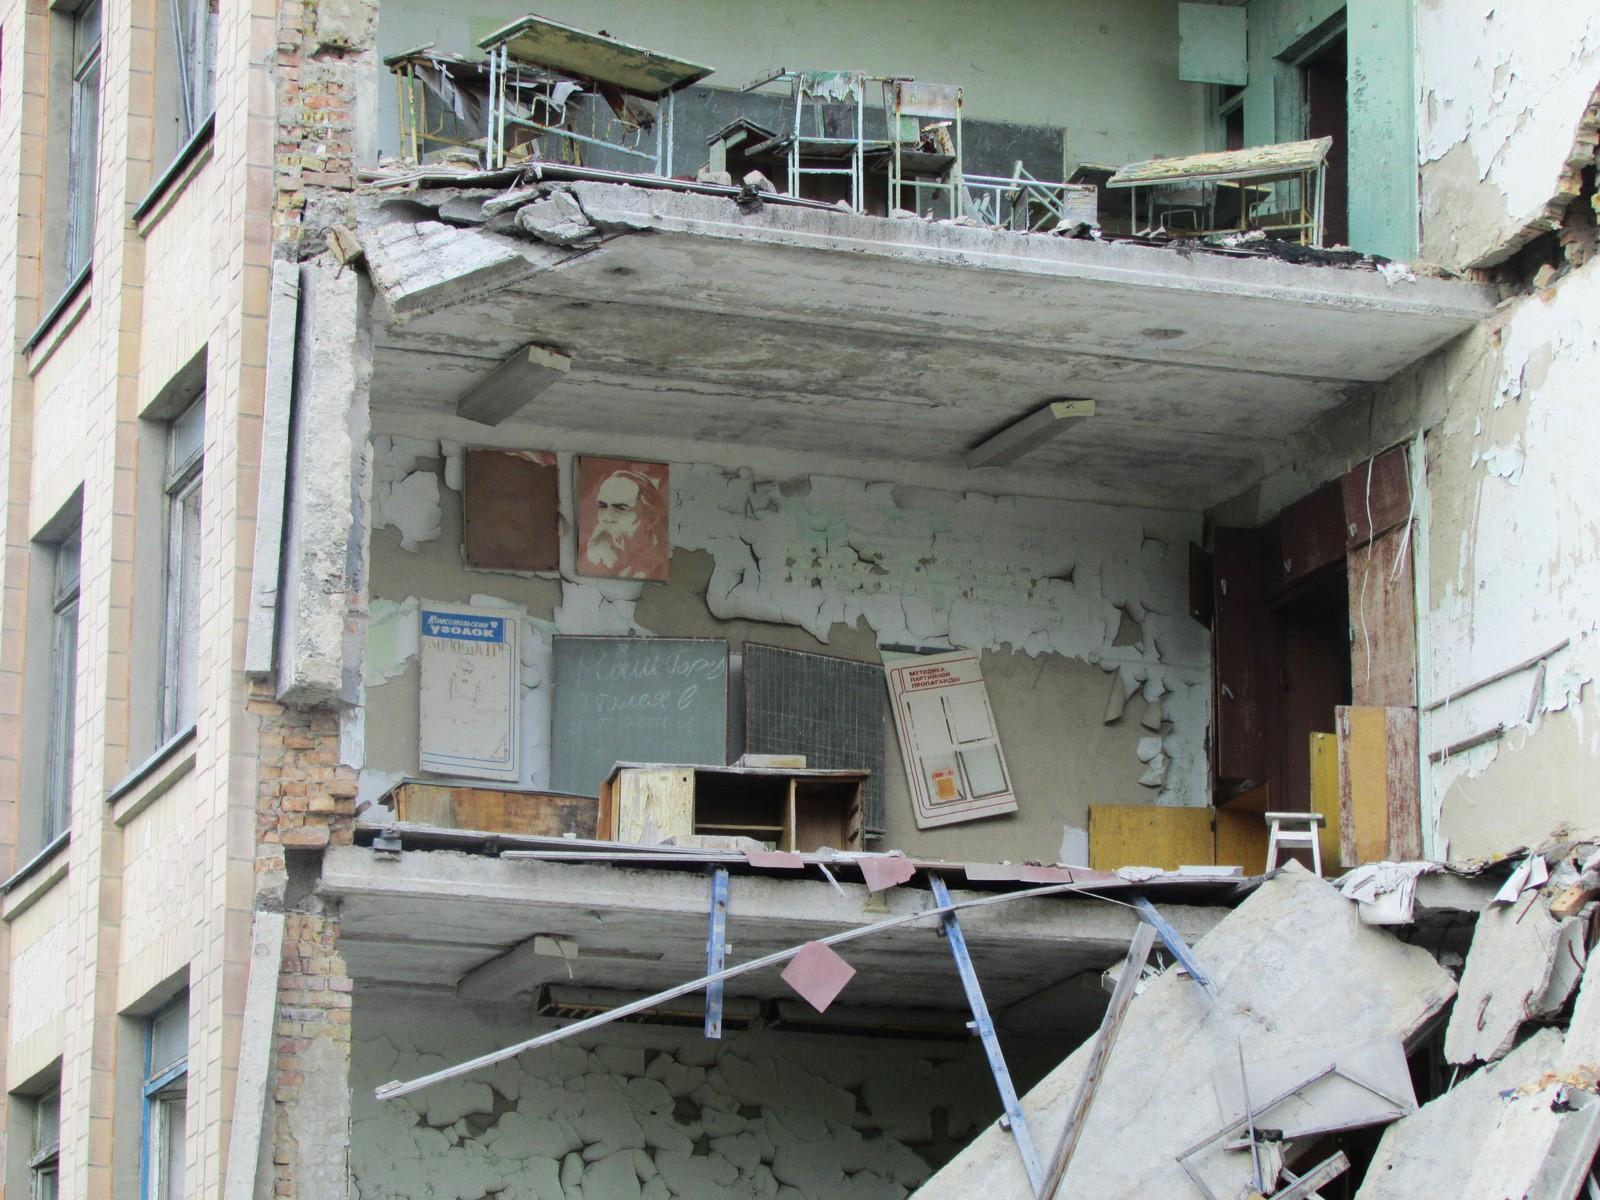 Da skole nummer en kollapset i 2012 kom klasserommene til syne, som dette med kateter, tavle, plansjer og Marx-plakat.